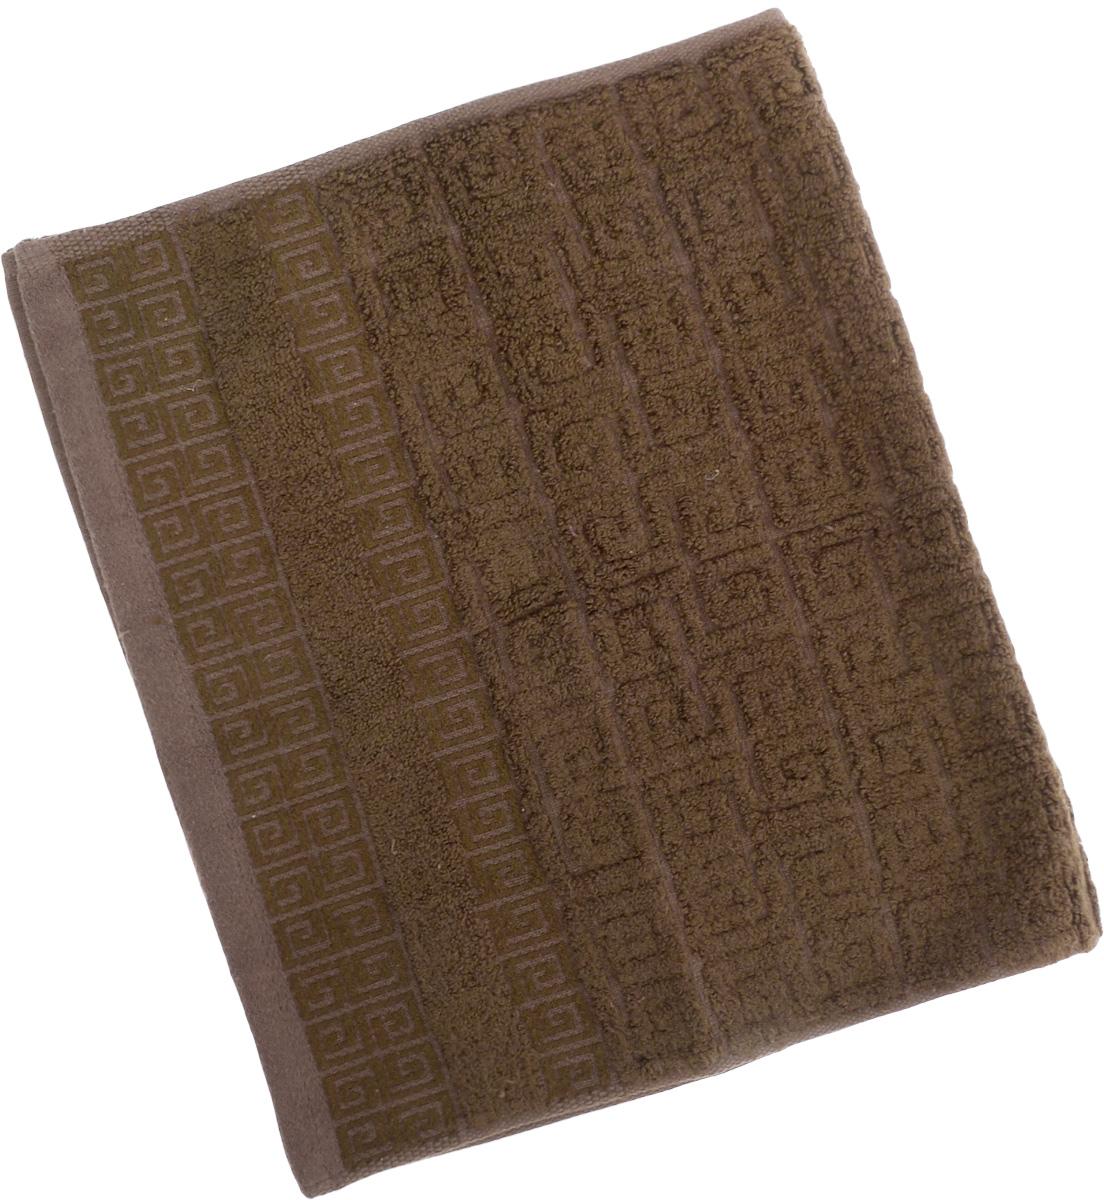 Полотенце Soavita Alber, цвет: коричневый, 30 х 50 см64143Полотенце Soavita Alber выполнено из 100% бамбукового волокна. Изделие отлично впитывает влагу, быстро сохнет, сохраняет яркость цвета и не теряет форму даже после многократных стирок. Полотенце очень практично и неприхотливо в уходе. Оно создаст прекрасное настроение и украсит интерьер в ванной комнате.